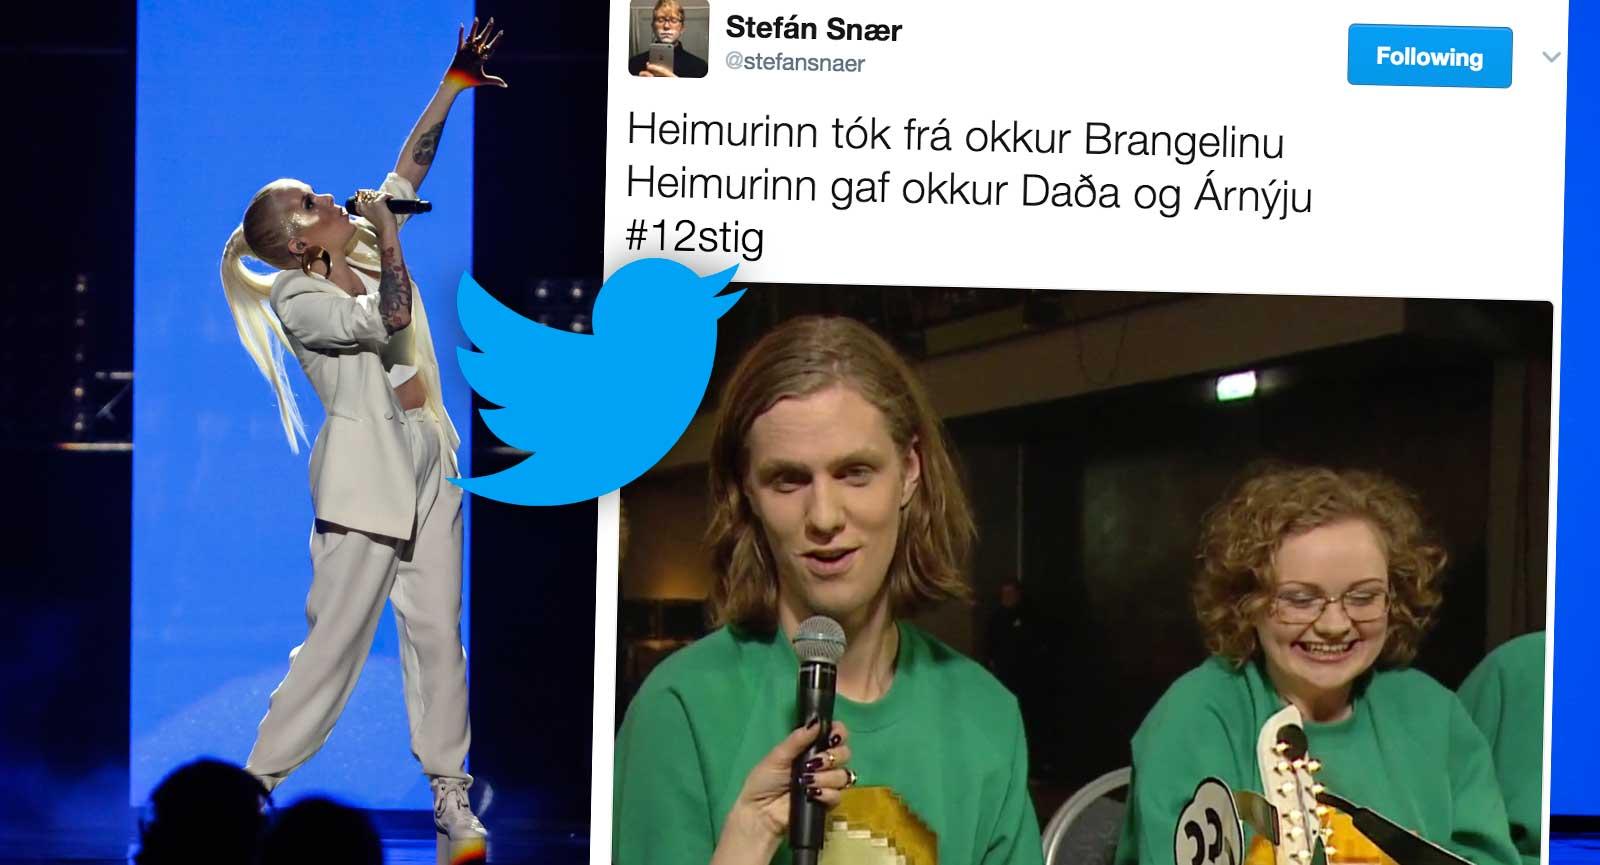 """Grínkeppnin á Twitter var á yfirsnúningi yfir Eurovision: """"Heimurinn gaf okkur Daða og Árnýju"""""""